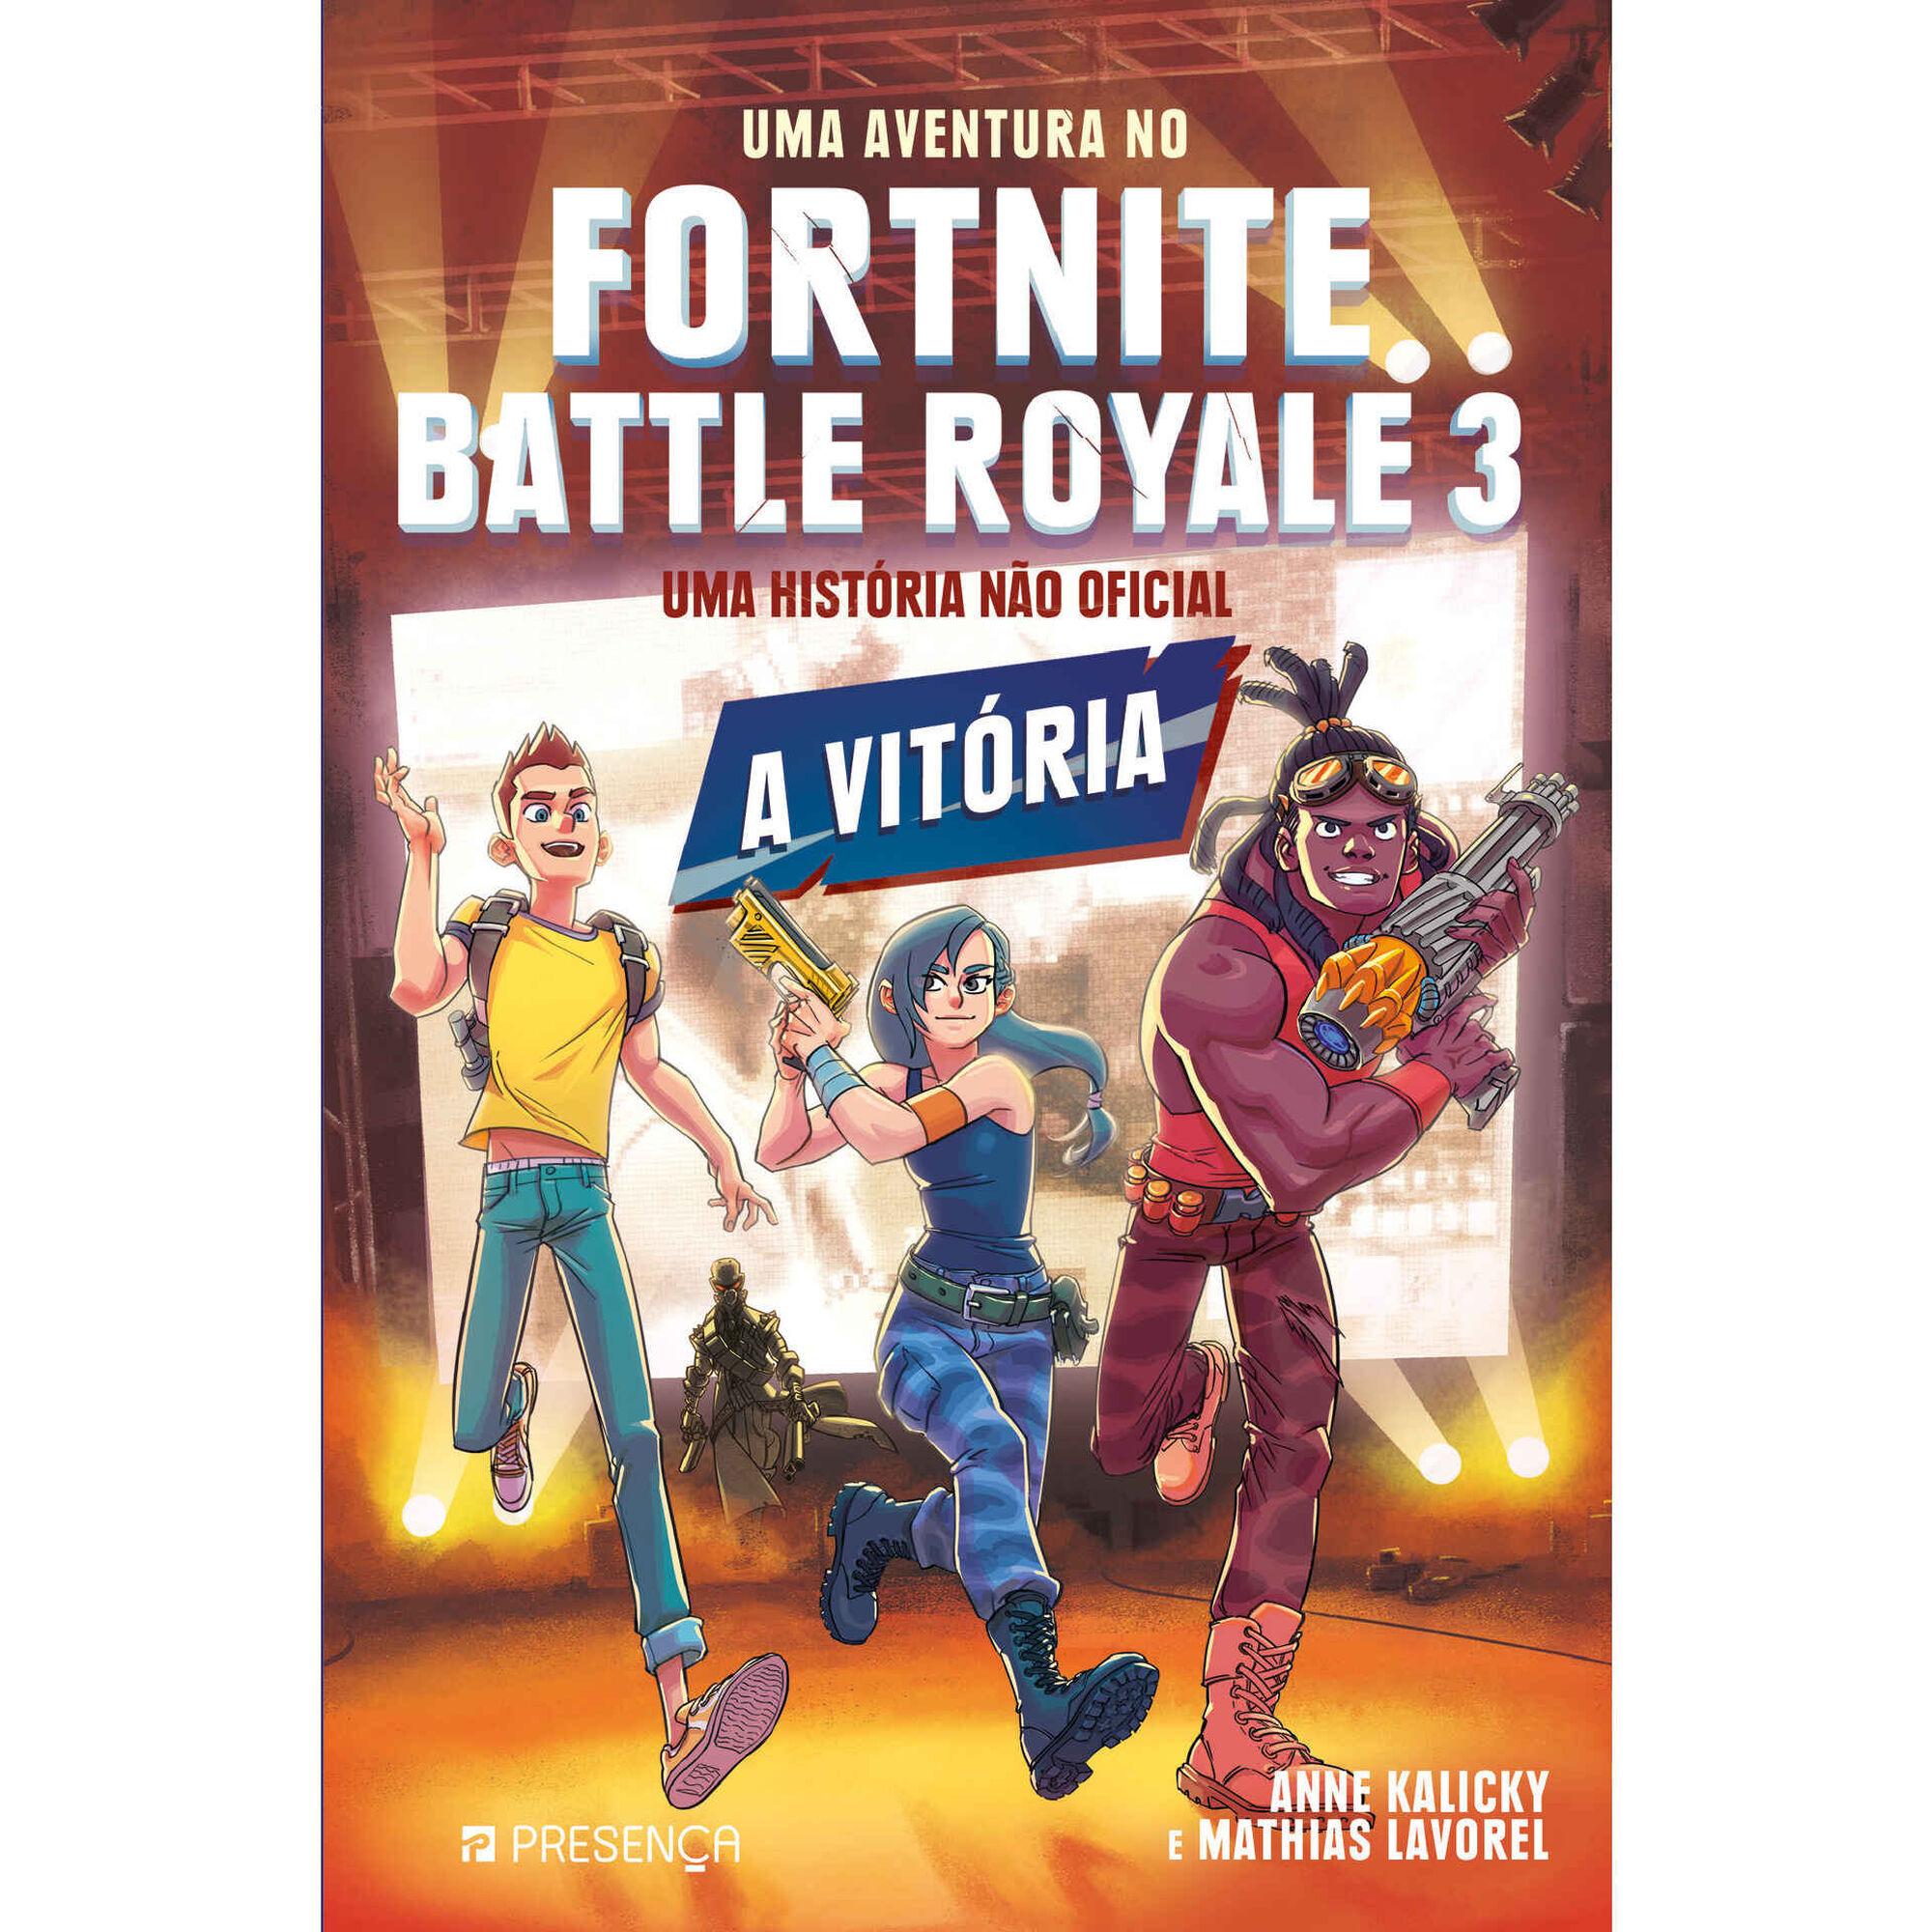 Uma Aventura no Fortnite Battle Royale Nº 3 - A Vitória